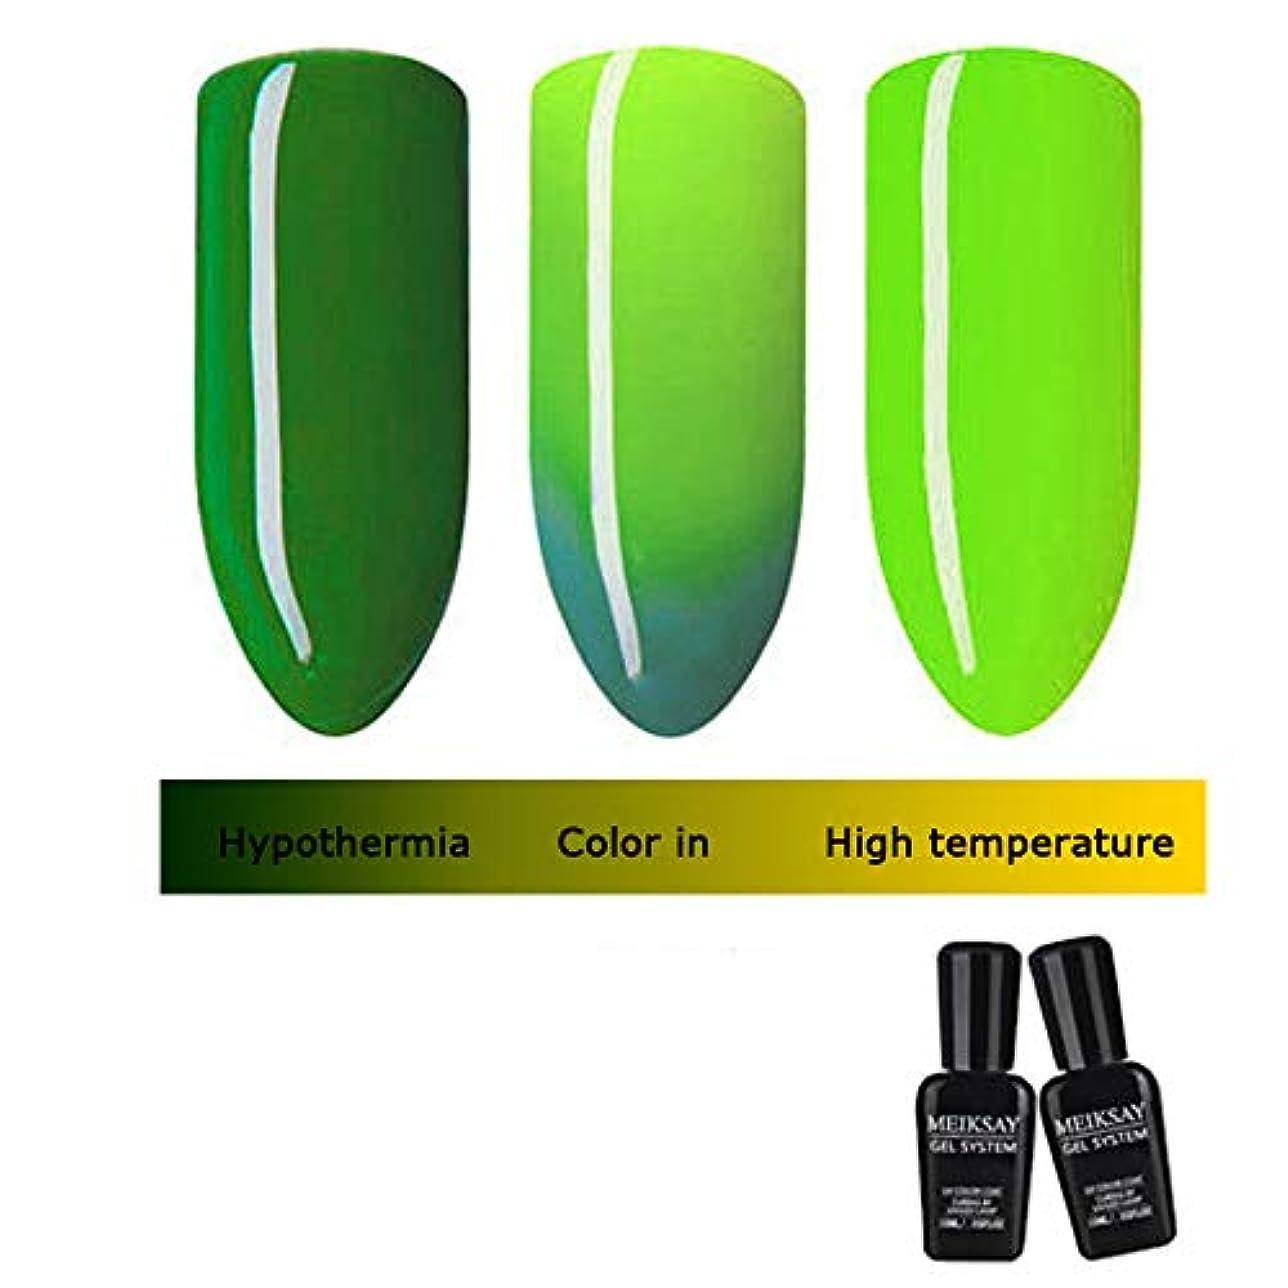 見つけたレポートを書くしっとりLazayyii マニキュア サーモクロミック光線療法のり 熱温度変化色 ネイルラッカーUV LEDポリッシュゲル (B)